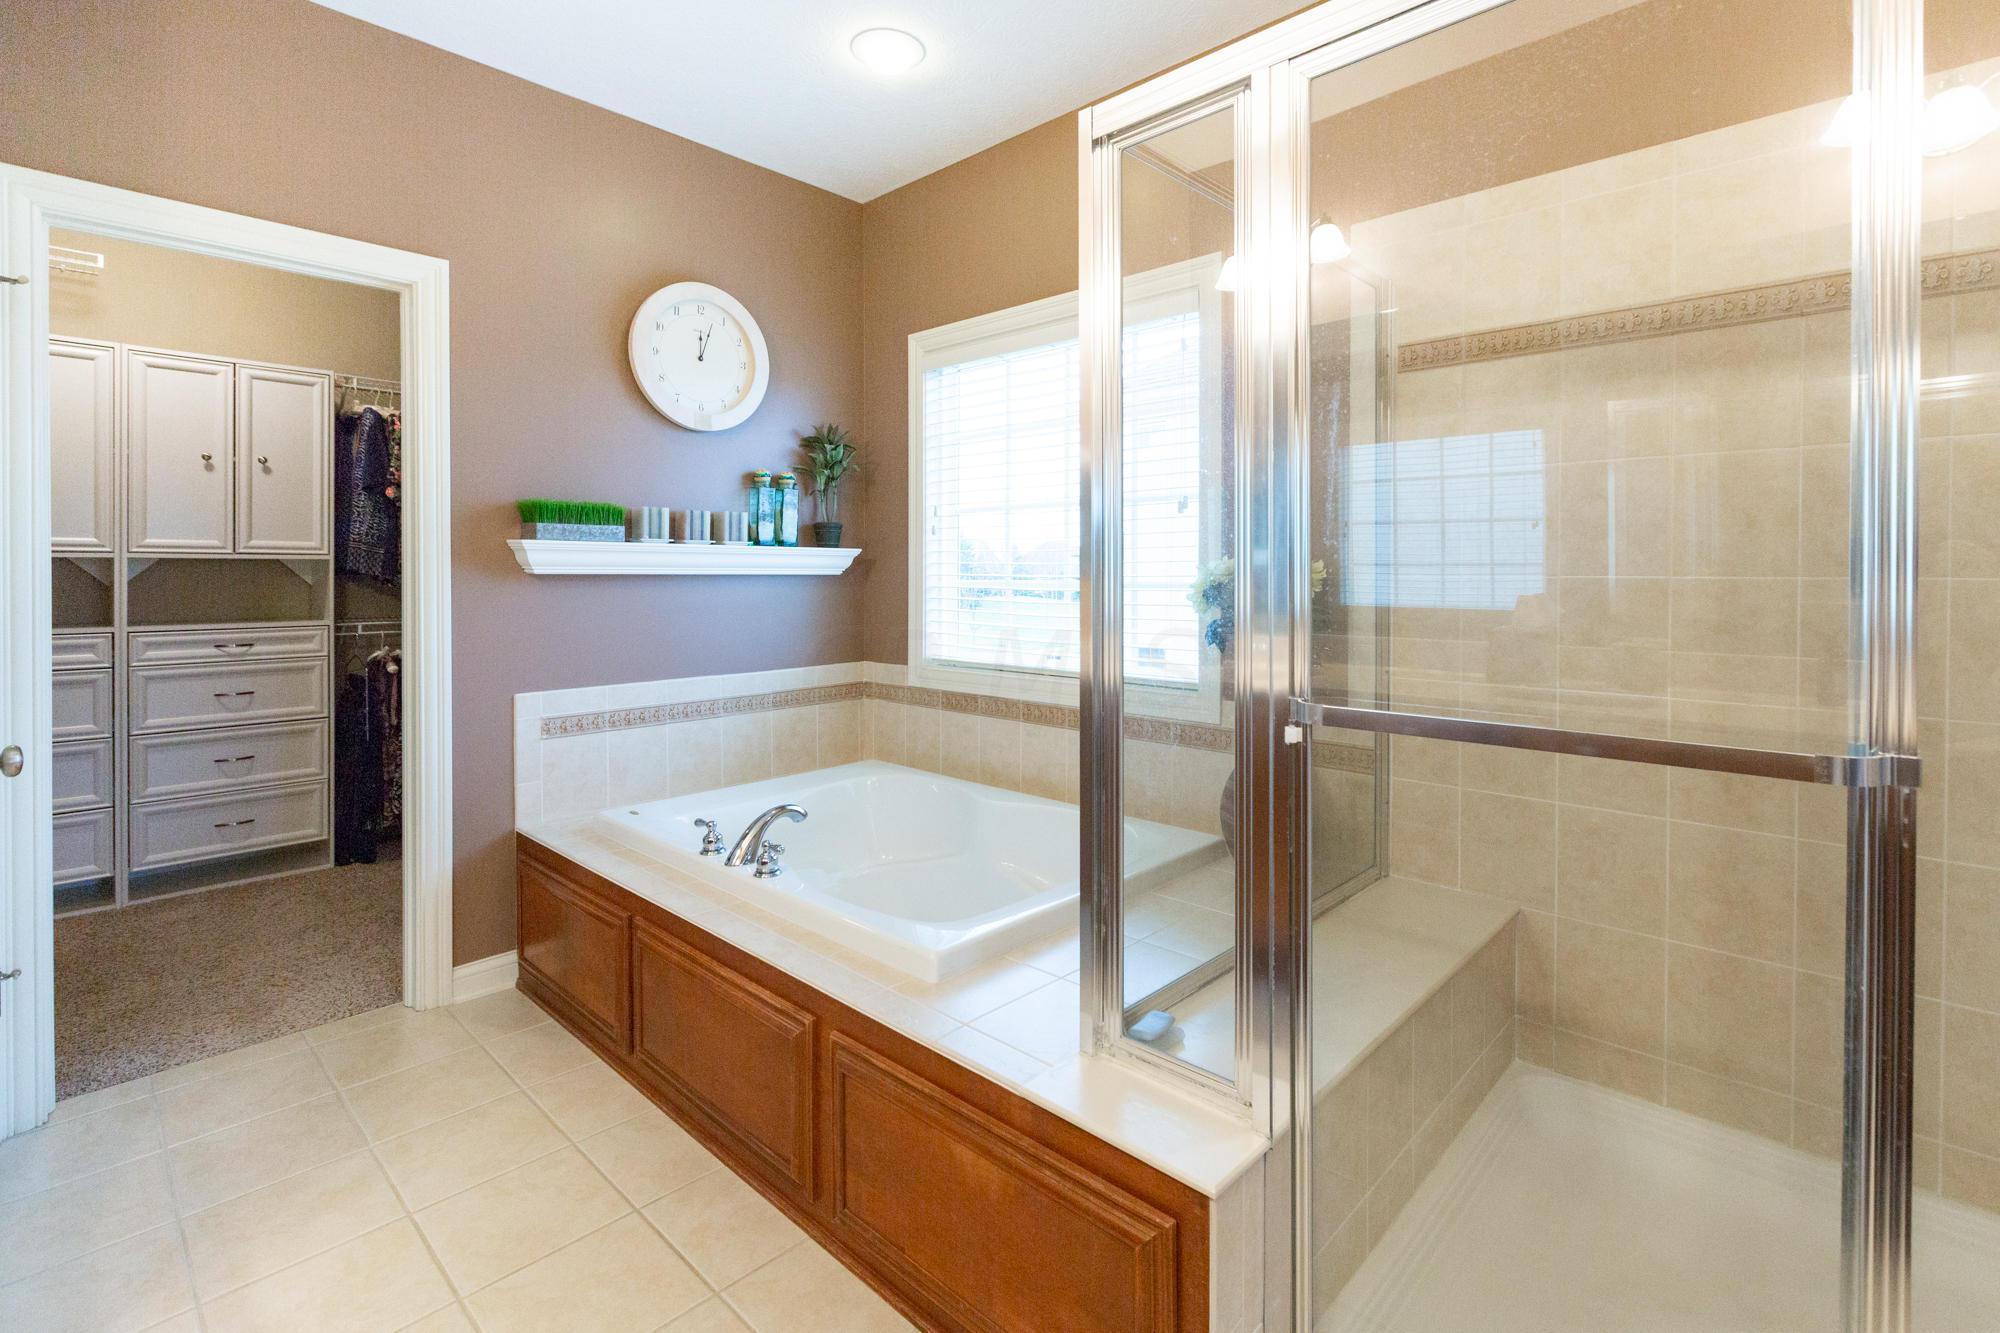 6013 Baronscourt Way, Dublin, Ohio 43016, 4 Bedrooms Bedrooms, ,4 BathroomsBathrooms,Residential,For Sale,Baronscourt,221000187